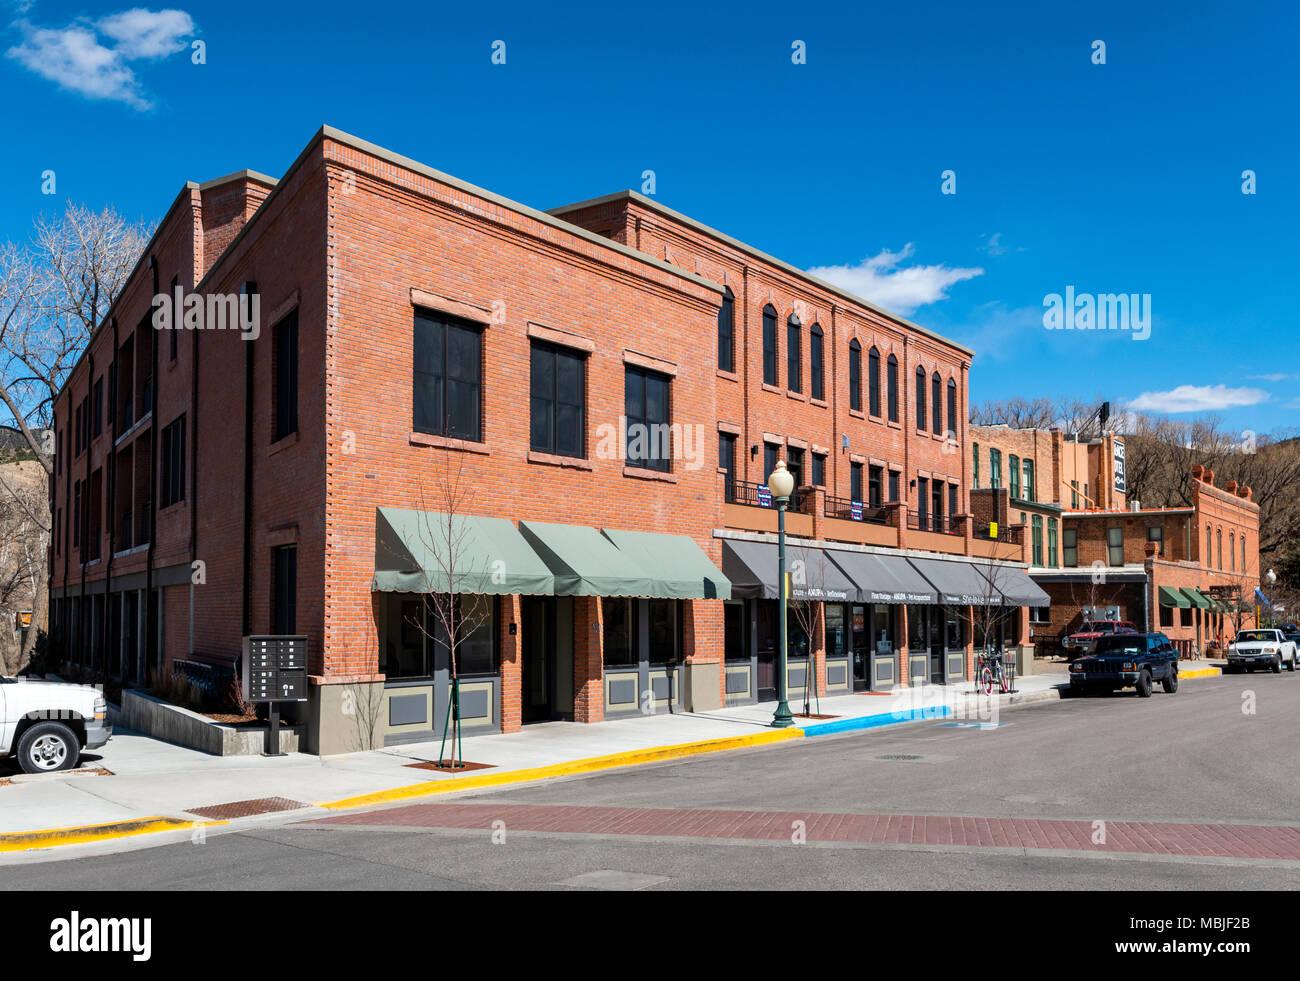 Nouveau bâtiment dans la ville historique de conception architecturale; condominiums; magasins; Stationnement; Salida, Colorado, USA Photo Stock